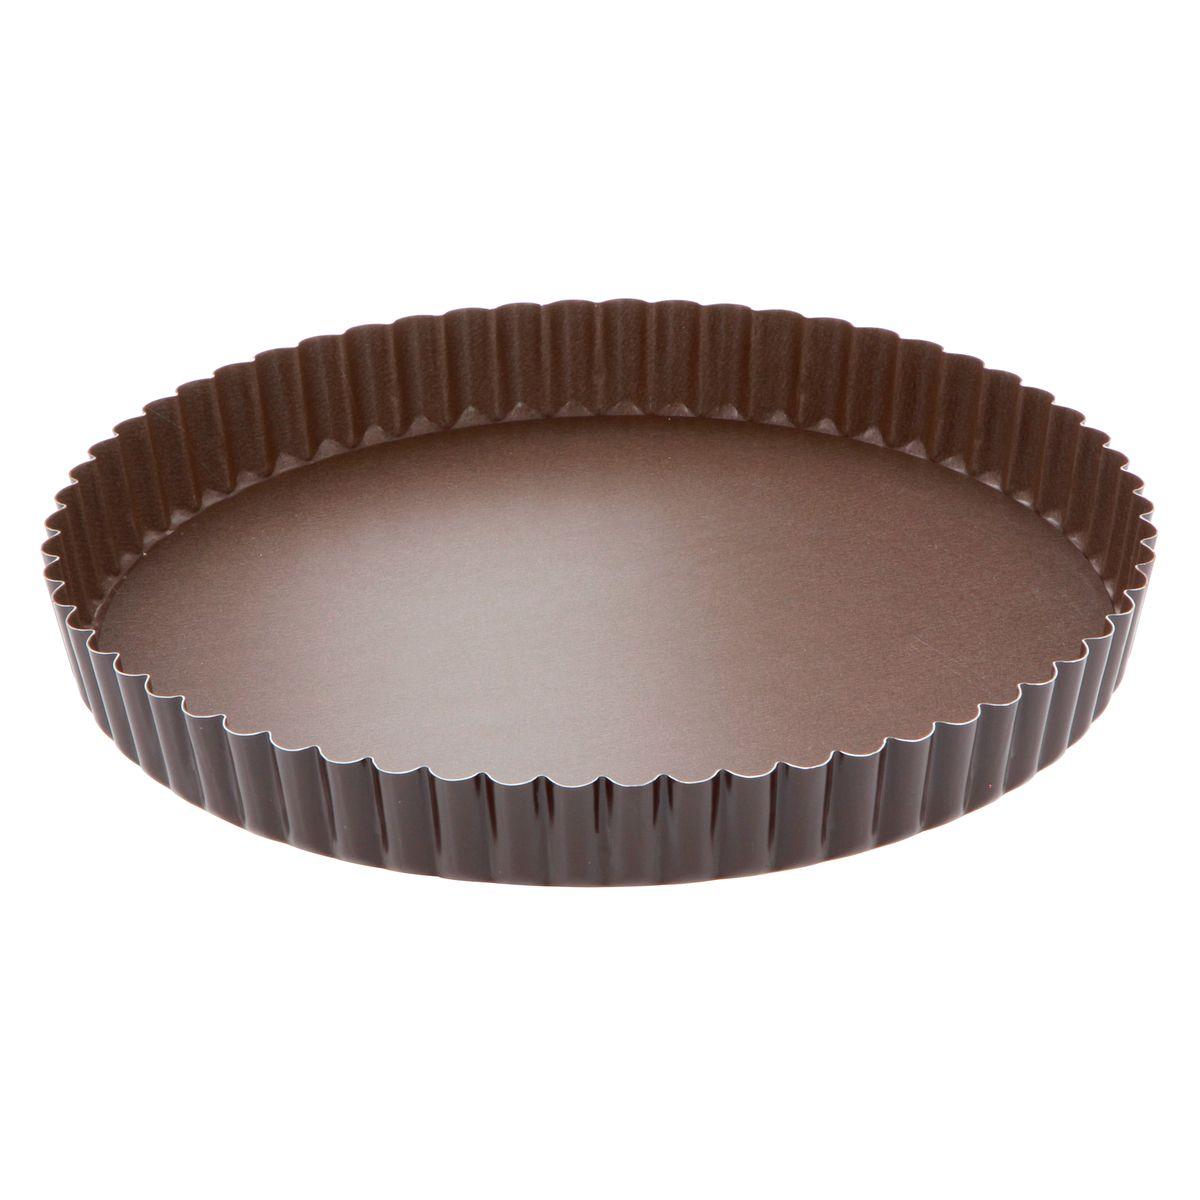 Moule à tarte en métal anti adhérent avec fond amovible 6/8 parts 24 cm - Alice Délice